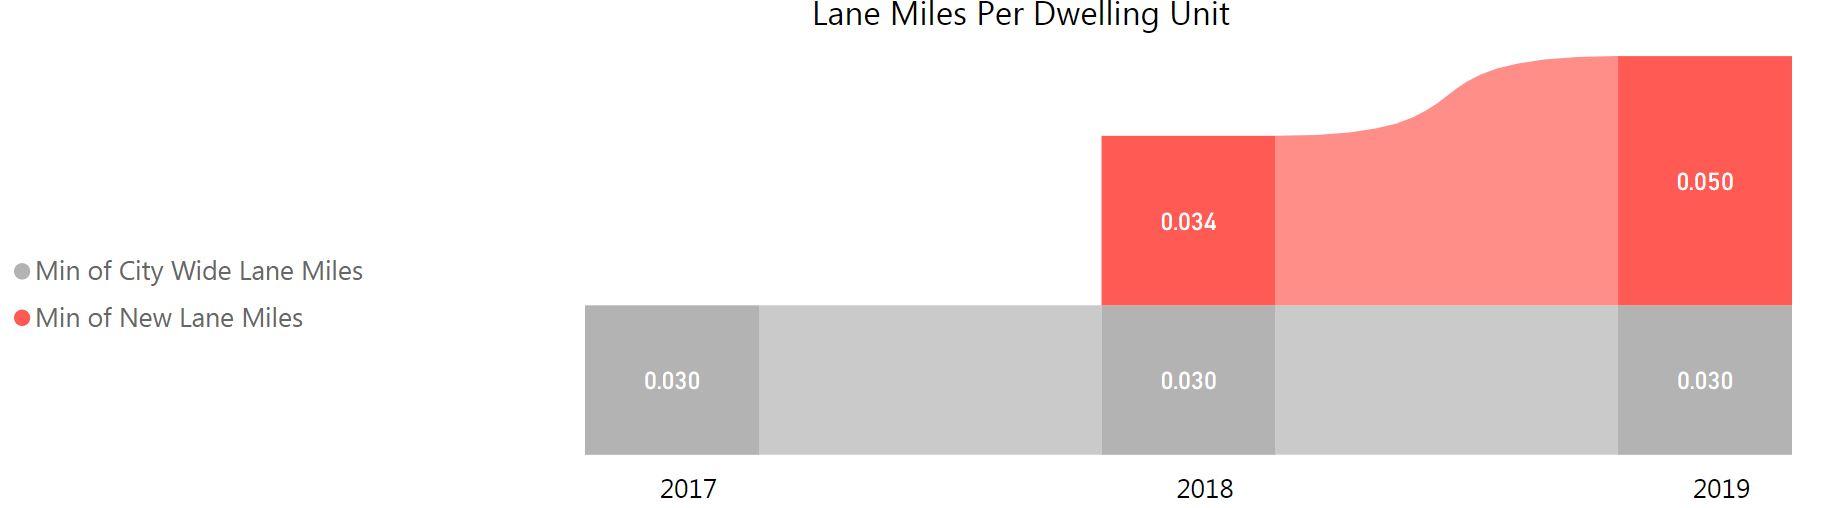 graph of lane miles per dwelling unit